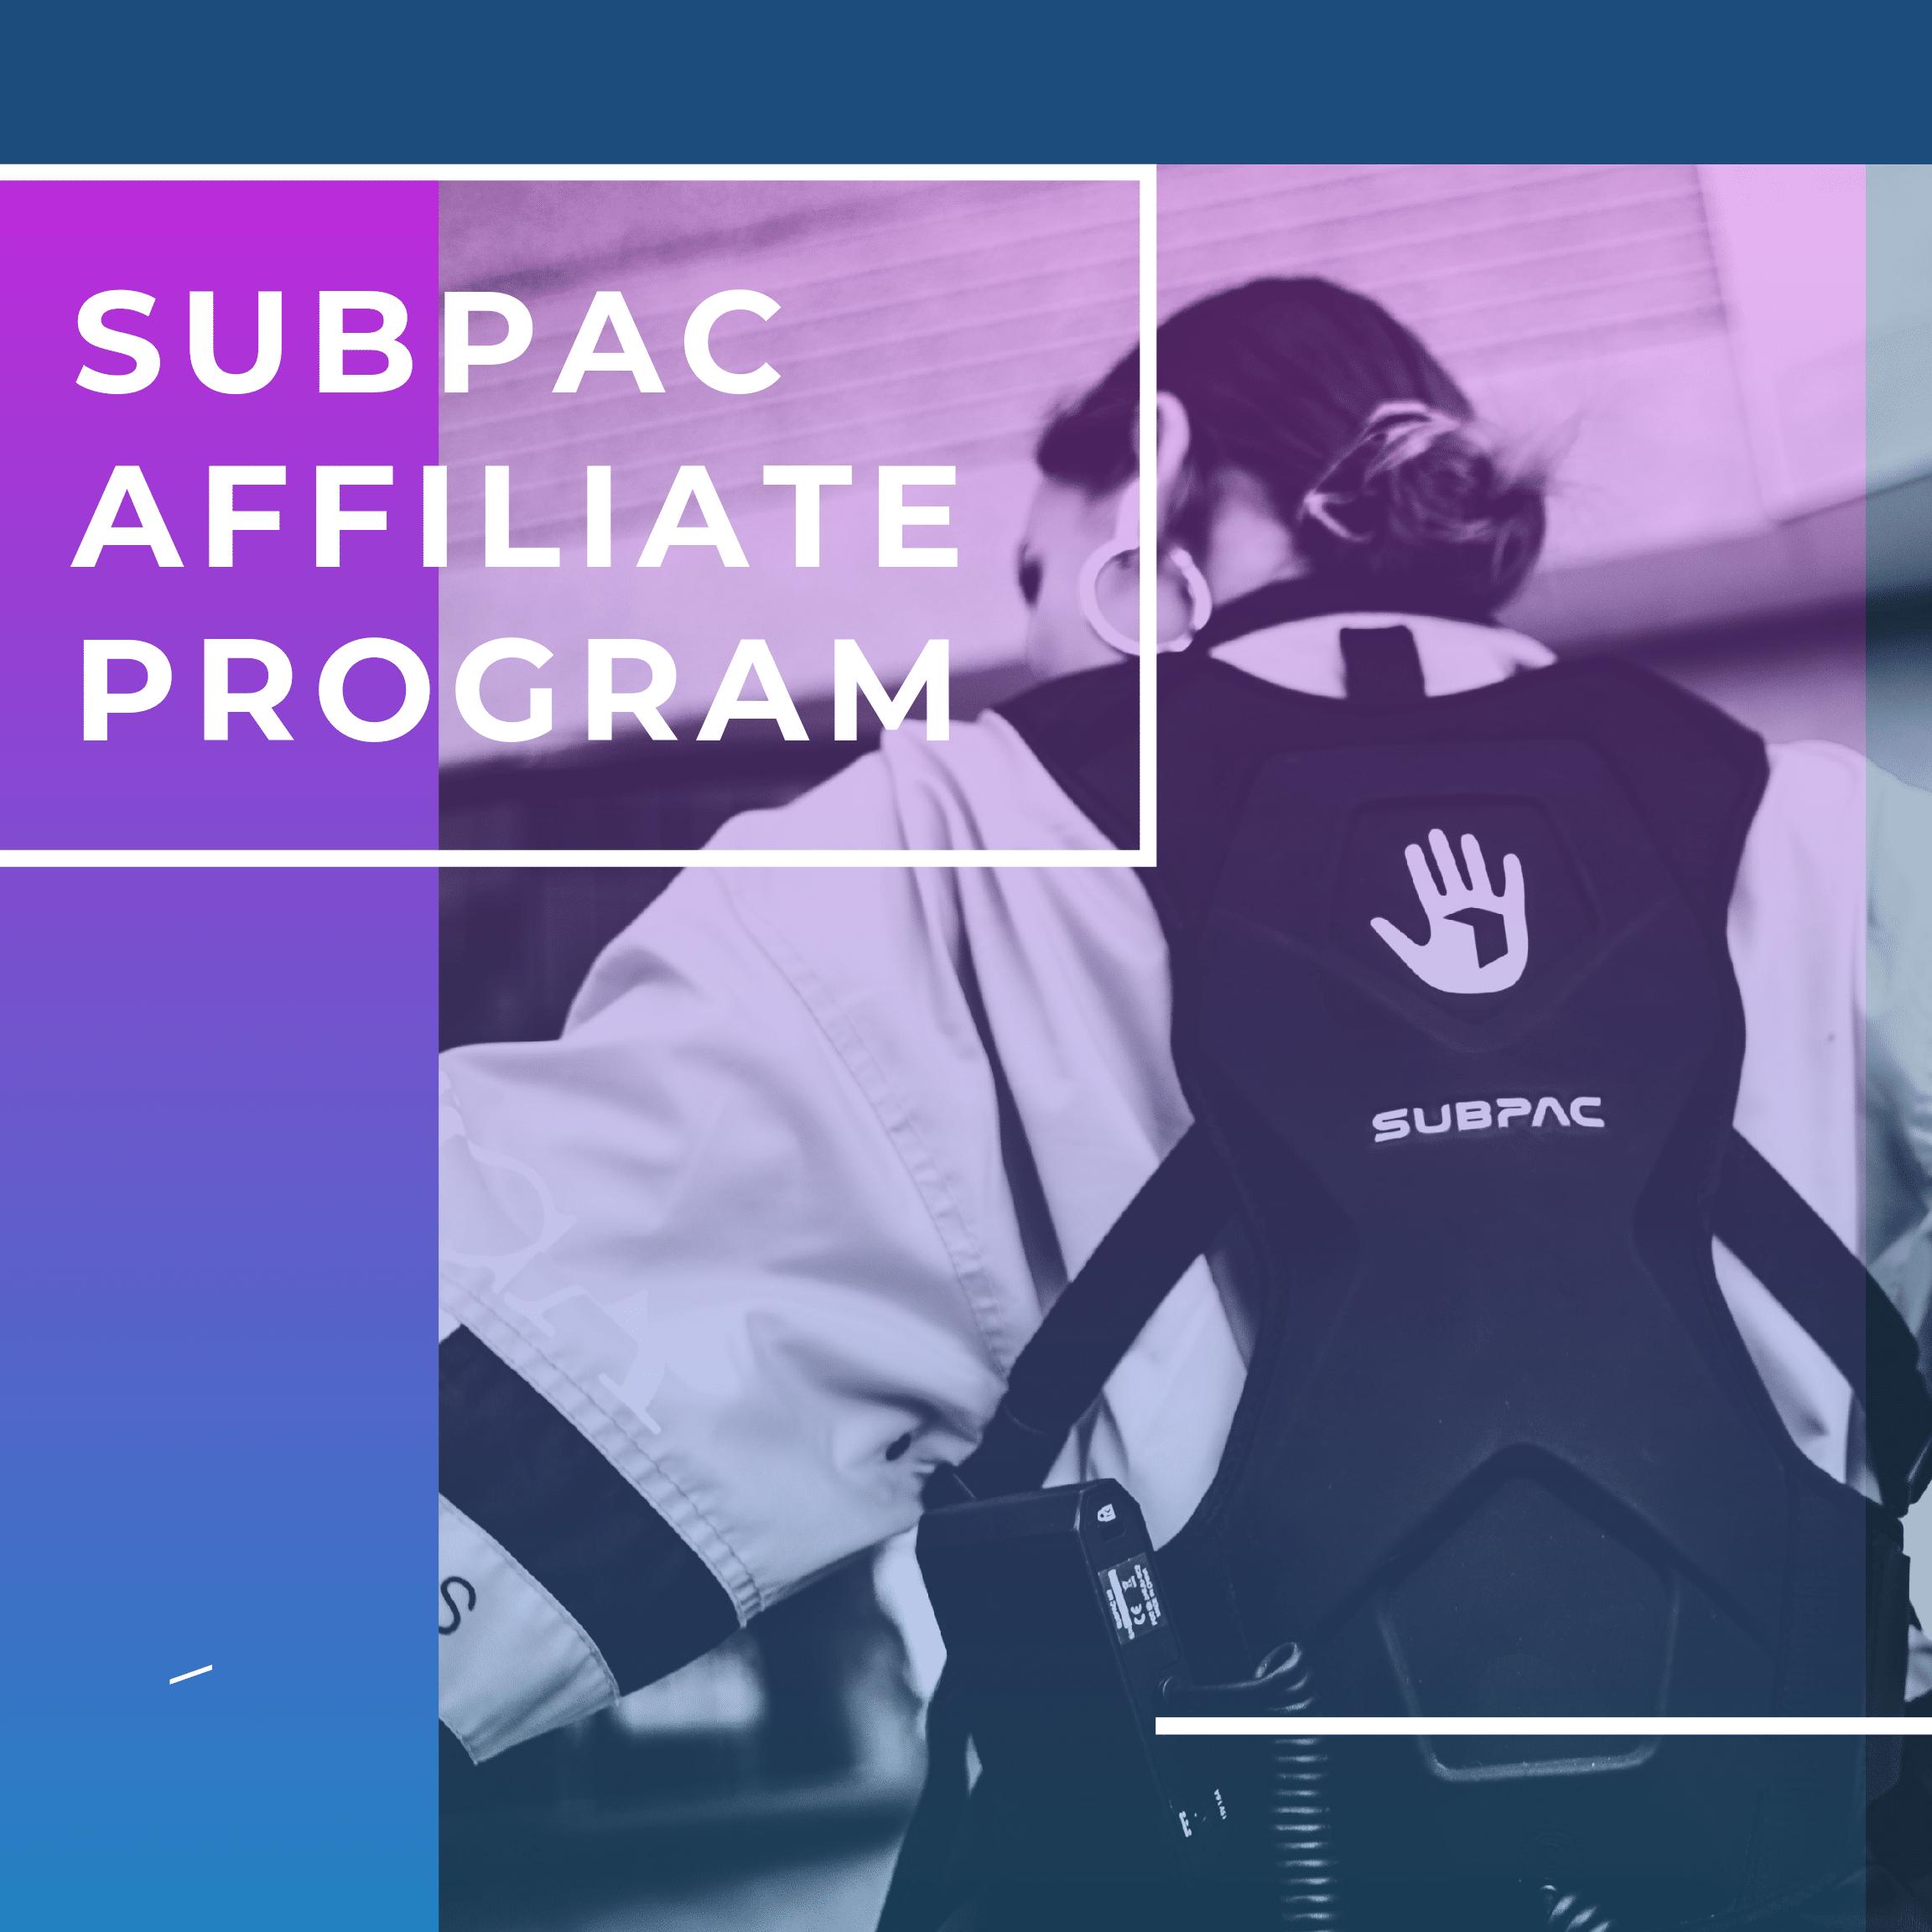 SUBPAC Affiliate program